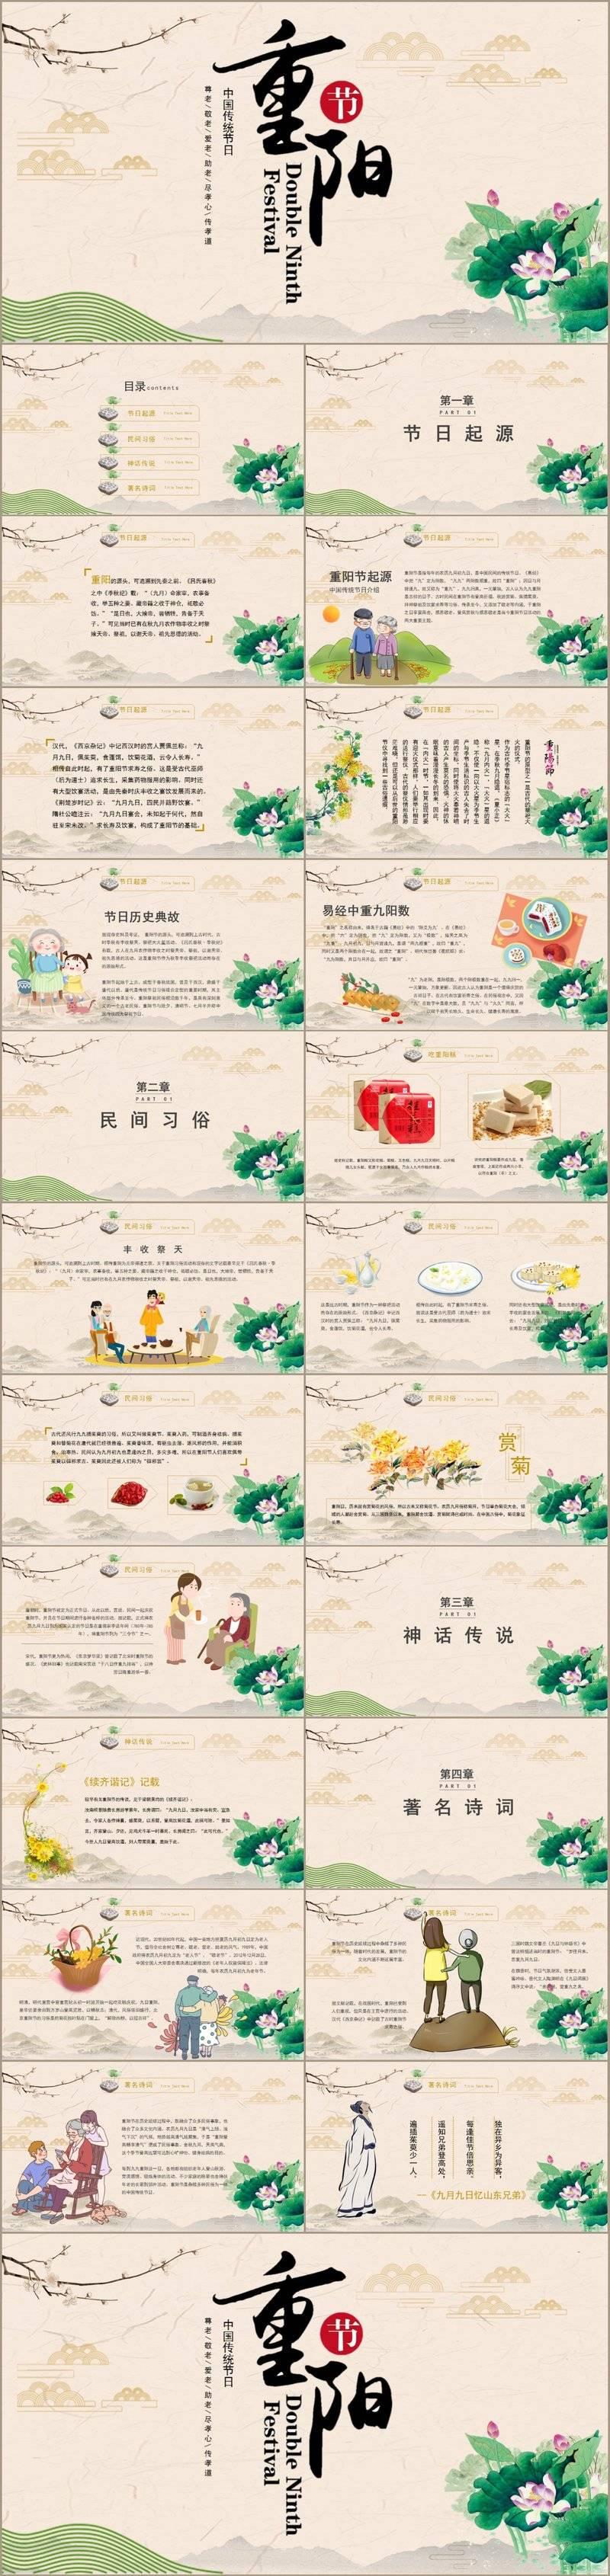 卡通插画复古中国风传统节日九九重阳节介绍PPT模板